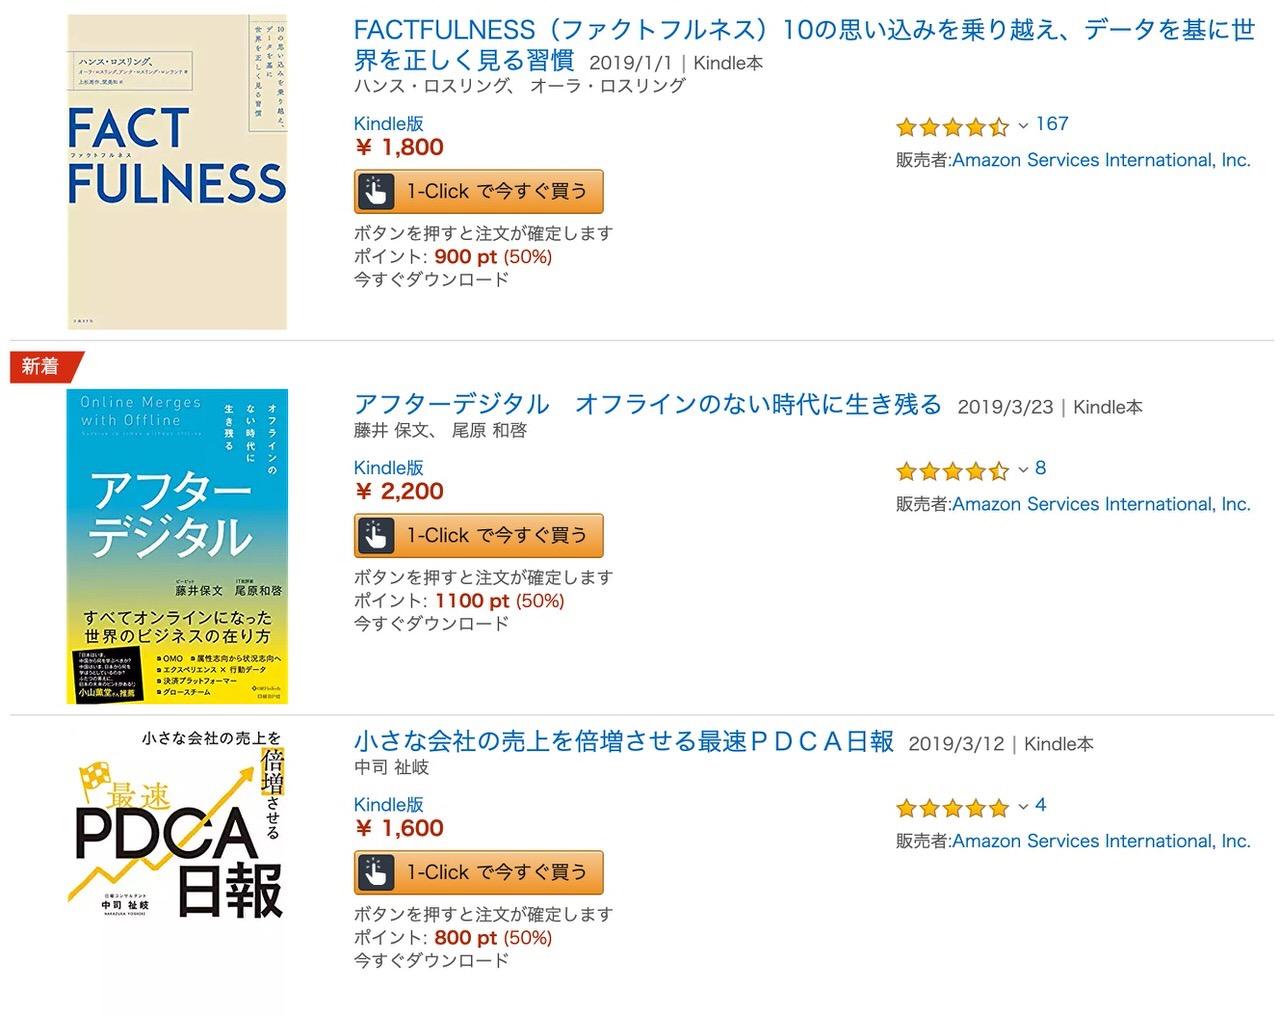 【Kindleセール】ファクトフルネスも含む2,000冊以上が対象「日経BP 50周年記念フェア」(4/7まで)